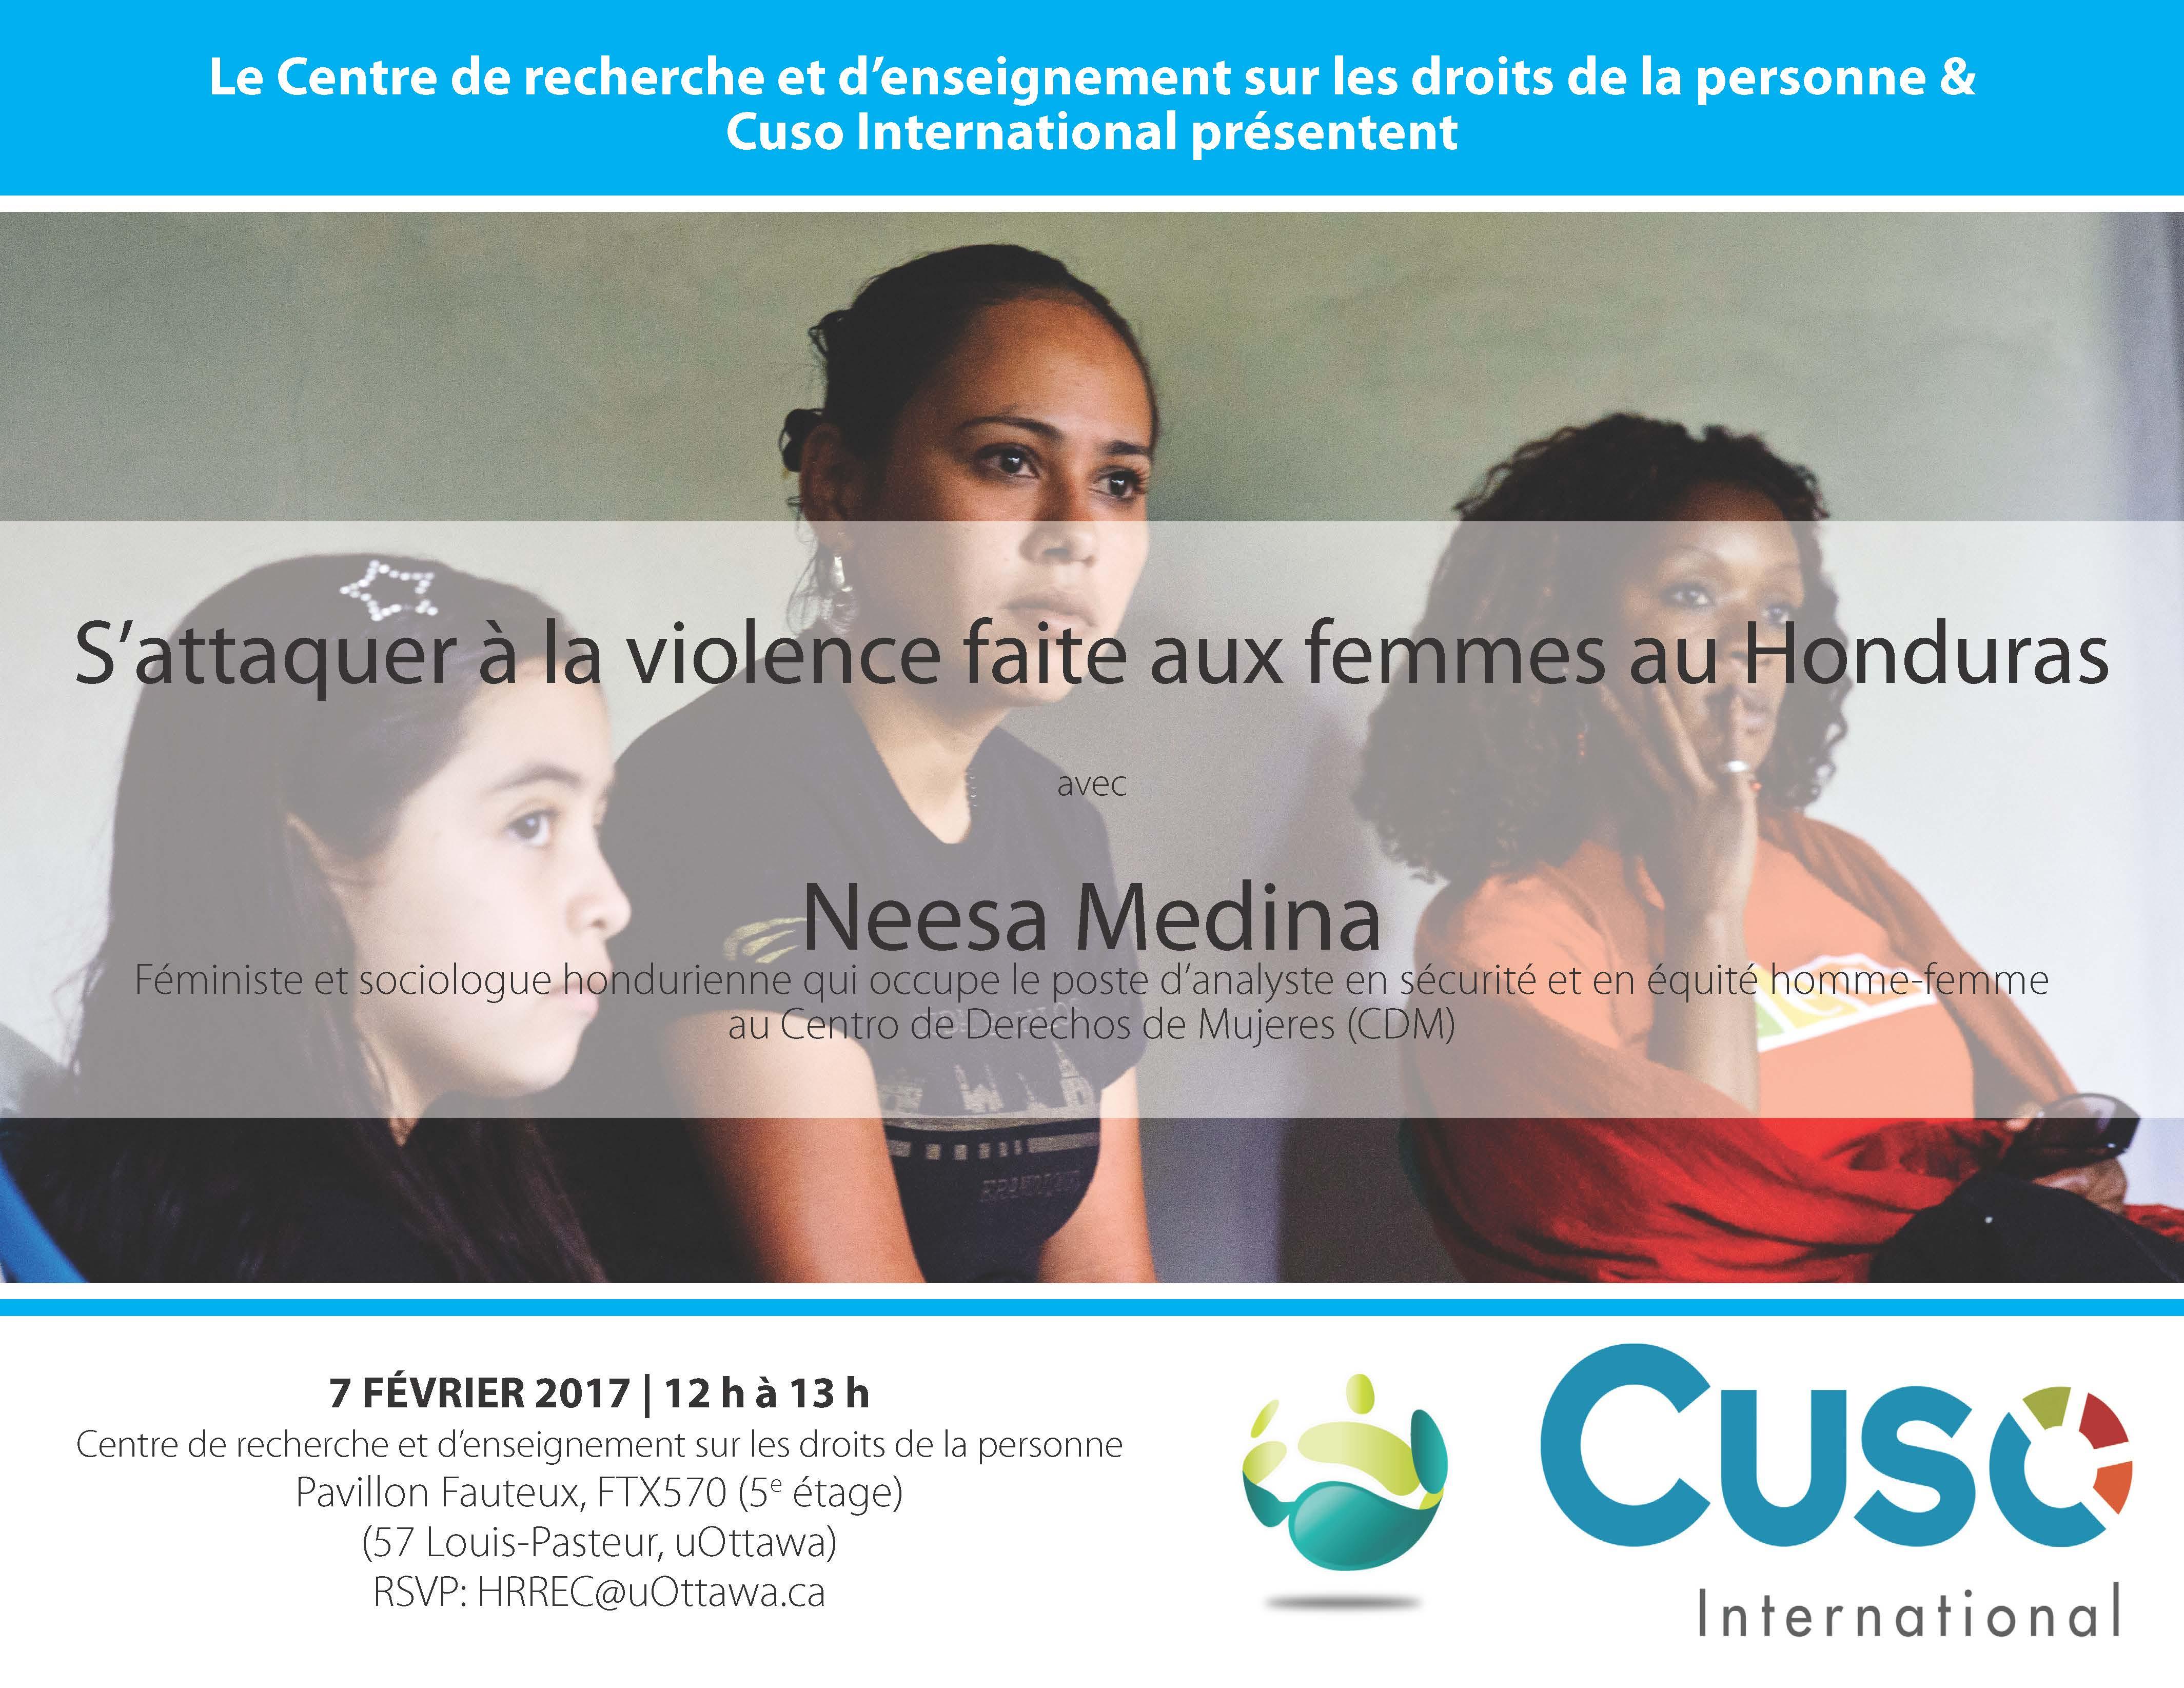 S'attaquer à la violence faite aux femmes au Honduras